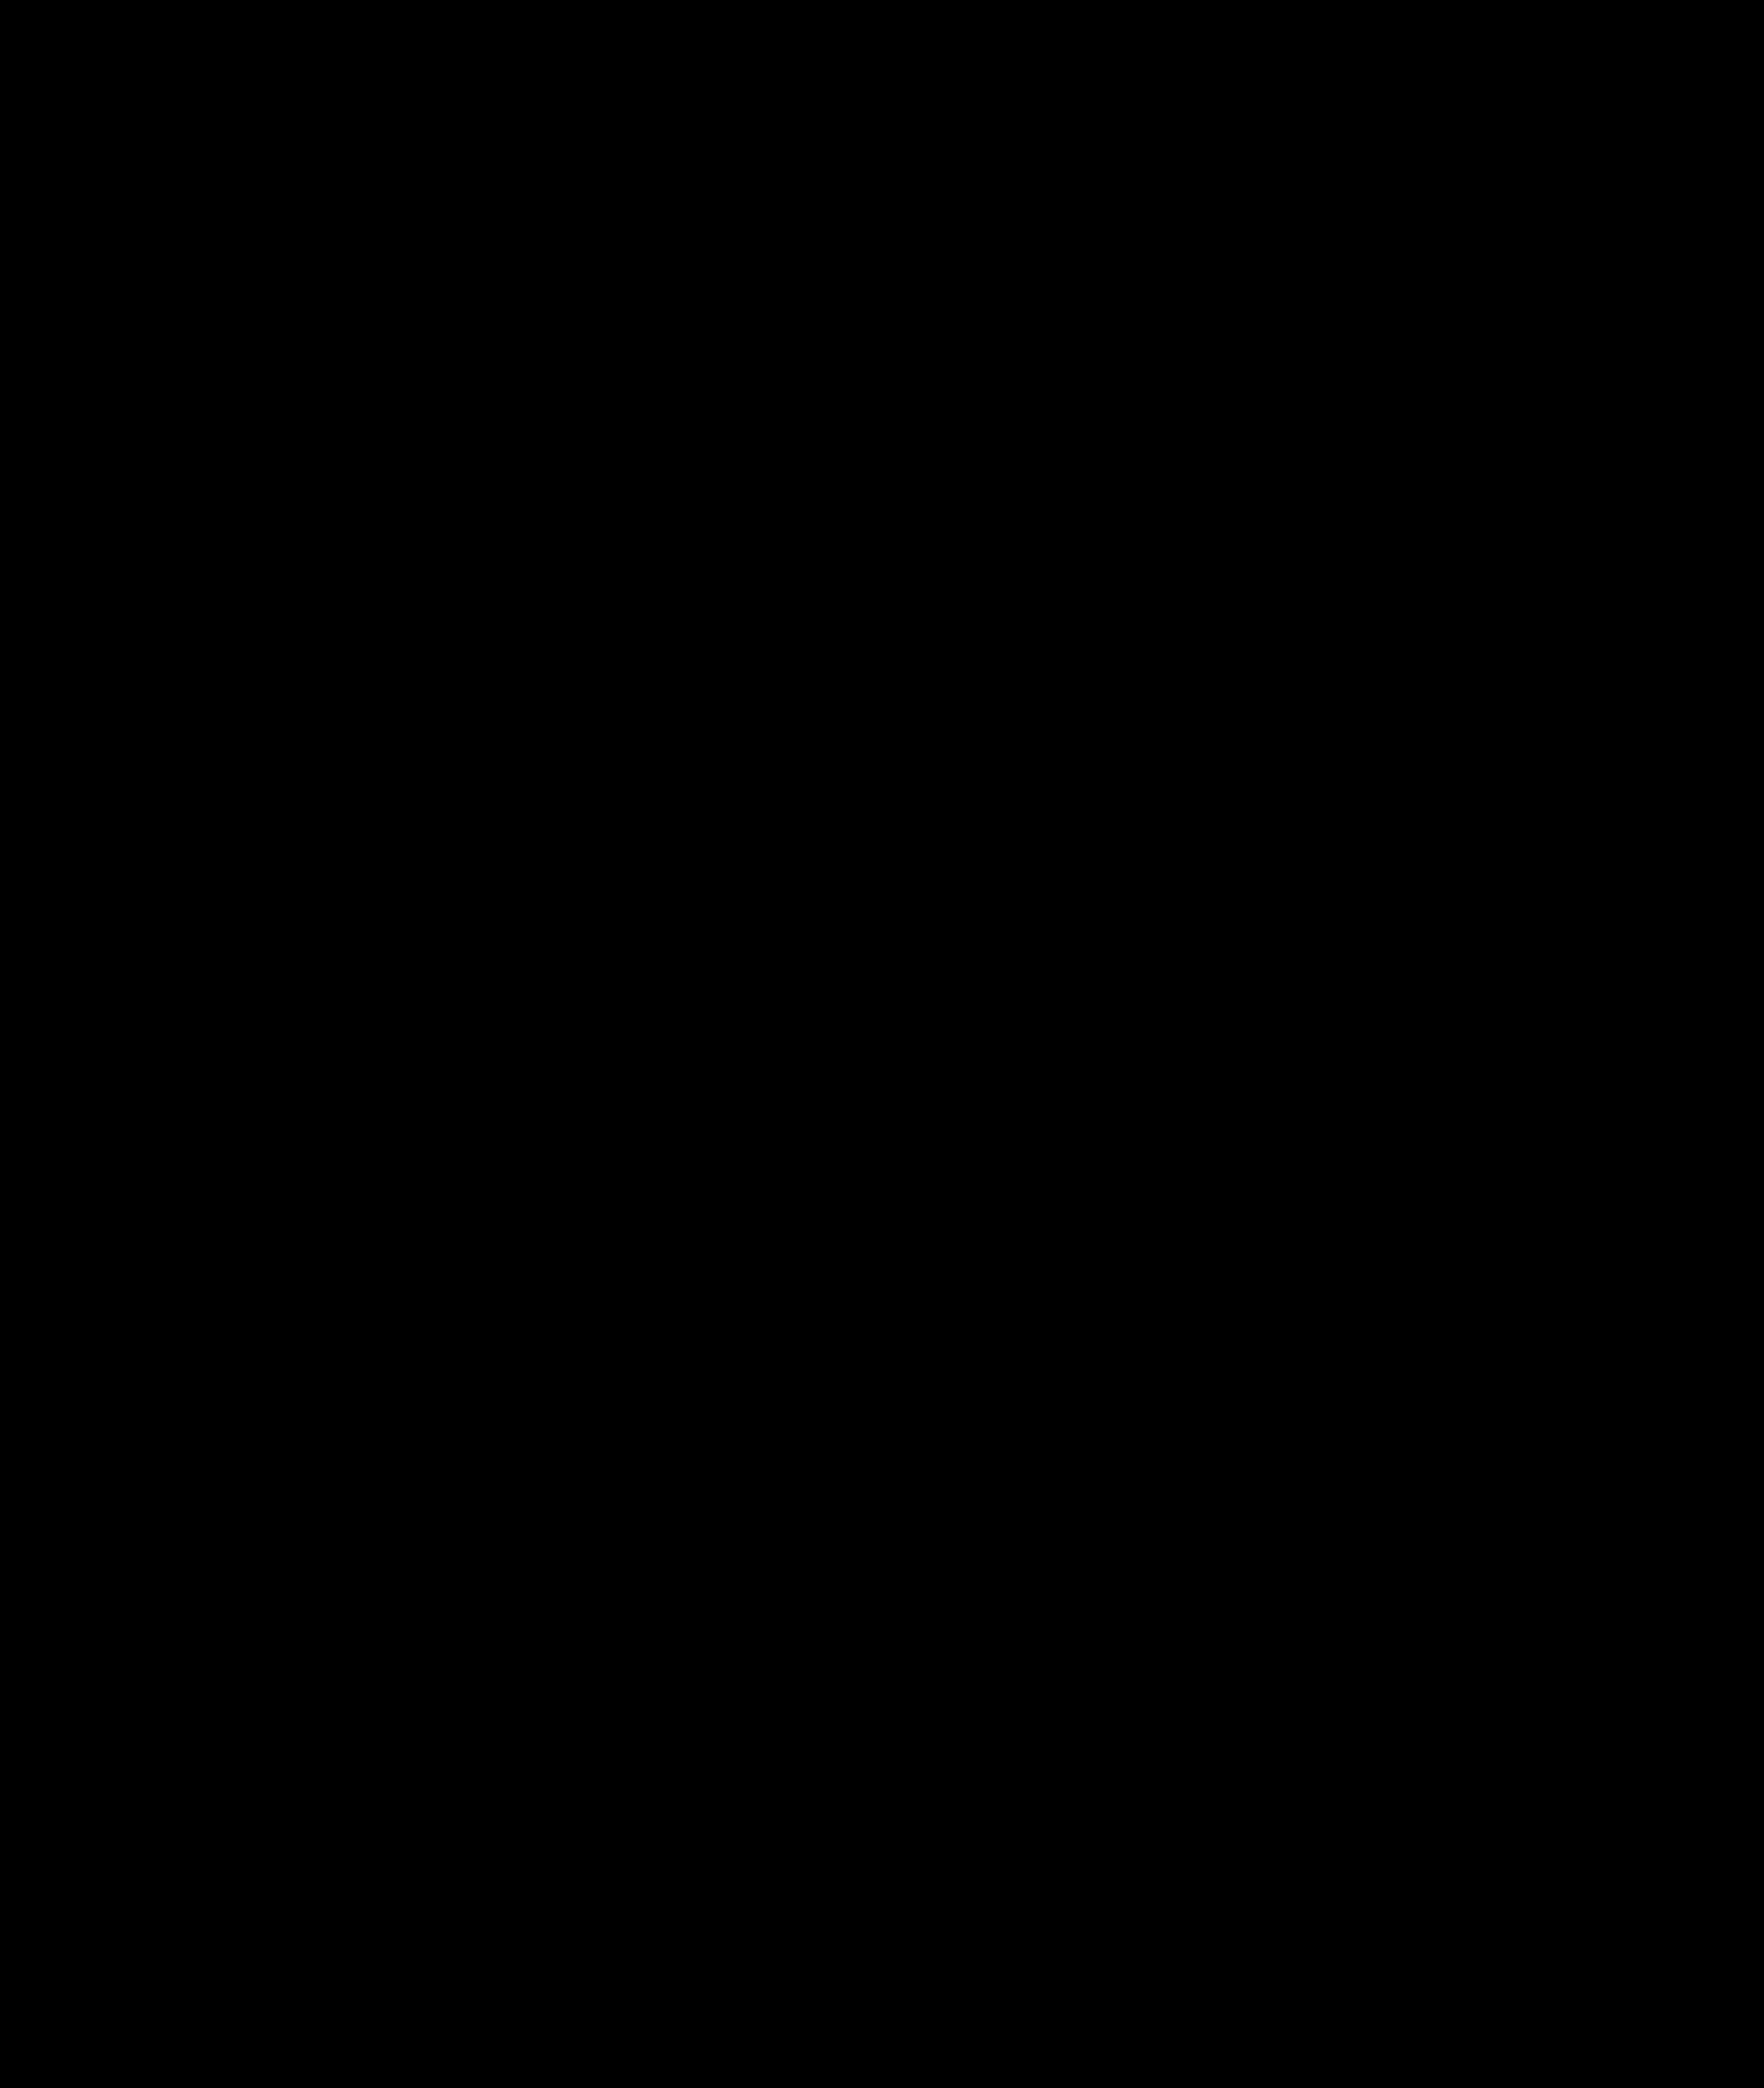 Hasil Penelusuran Gambar Google Untuk Https Www Clipartmax Com Png Middle 75 757499 Silhouette Drawing Clip Art Woman Head Silhouette Gambar Clip Art Drawing